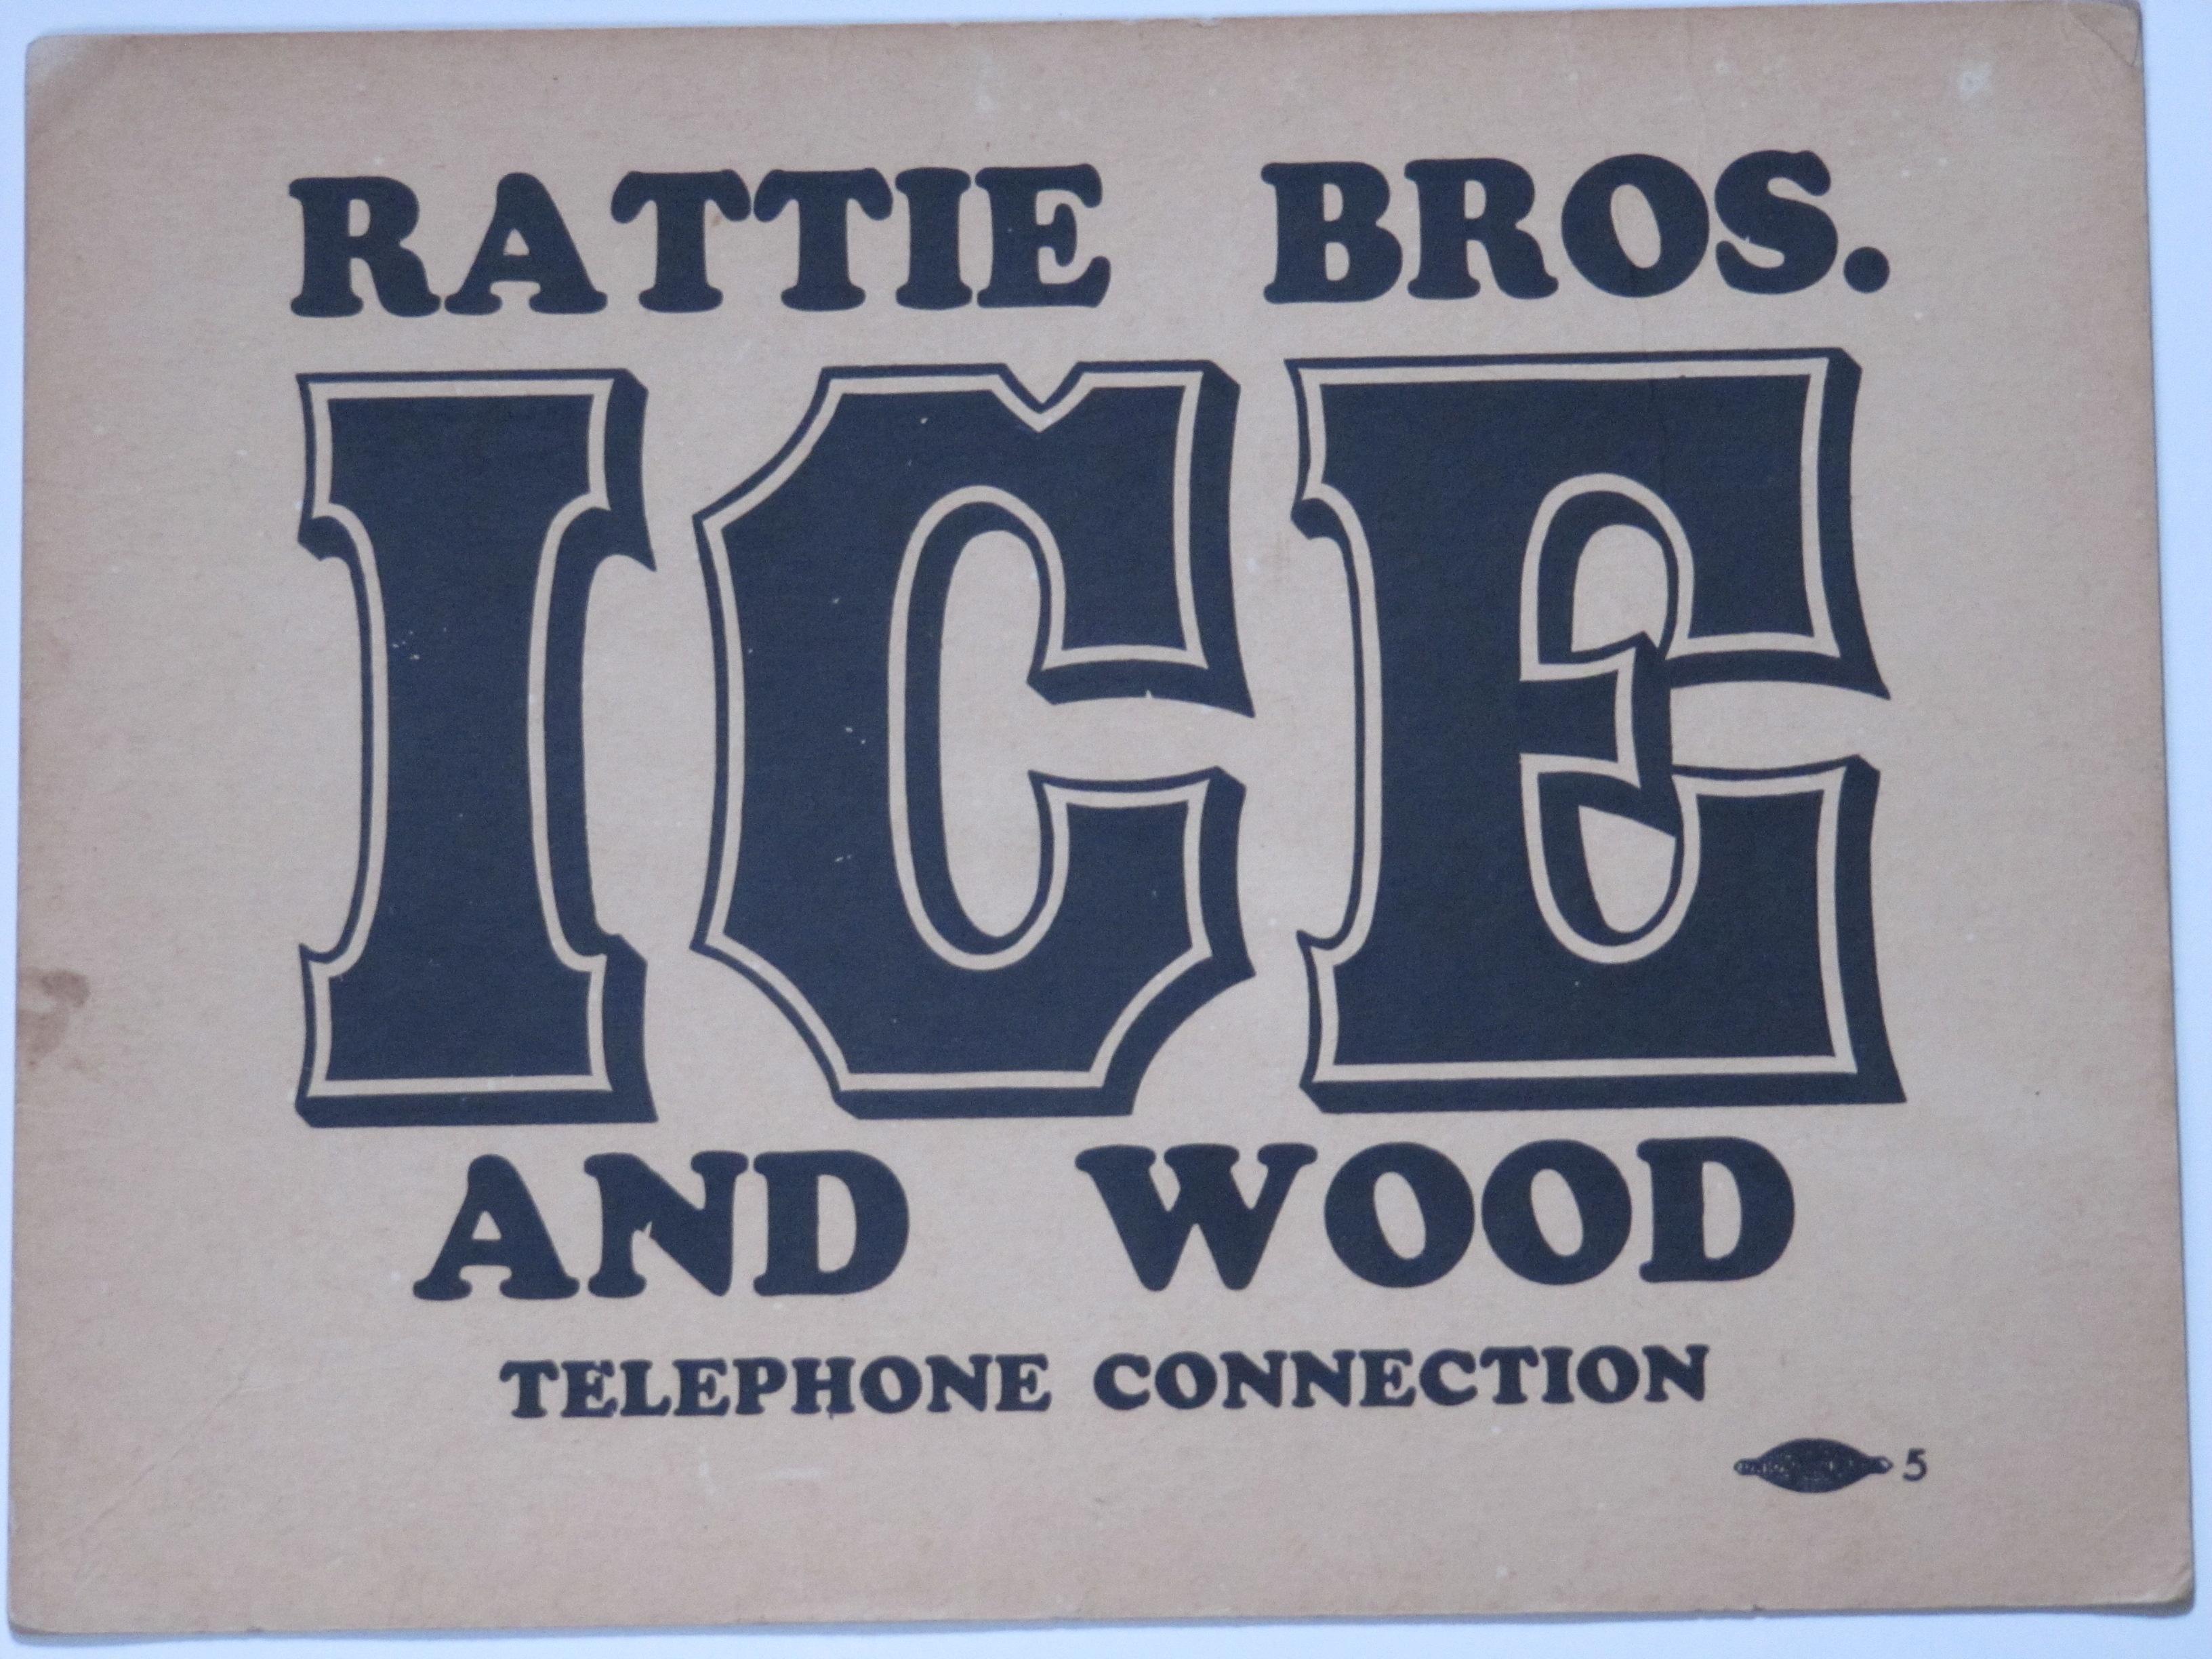 Rattie Bros. Ice